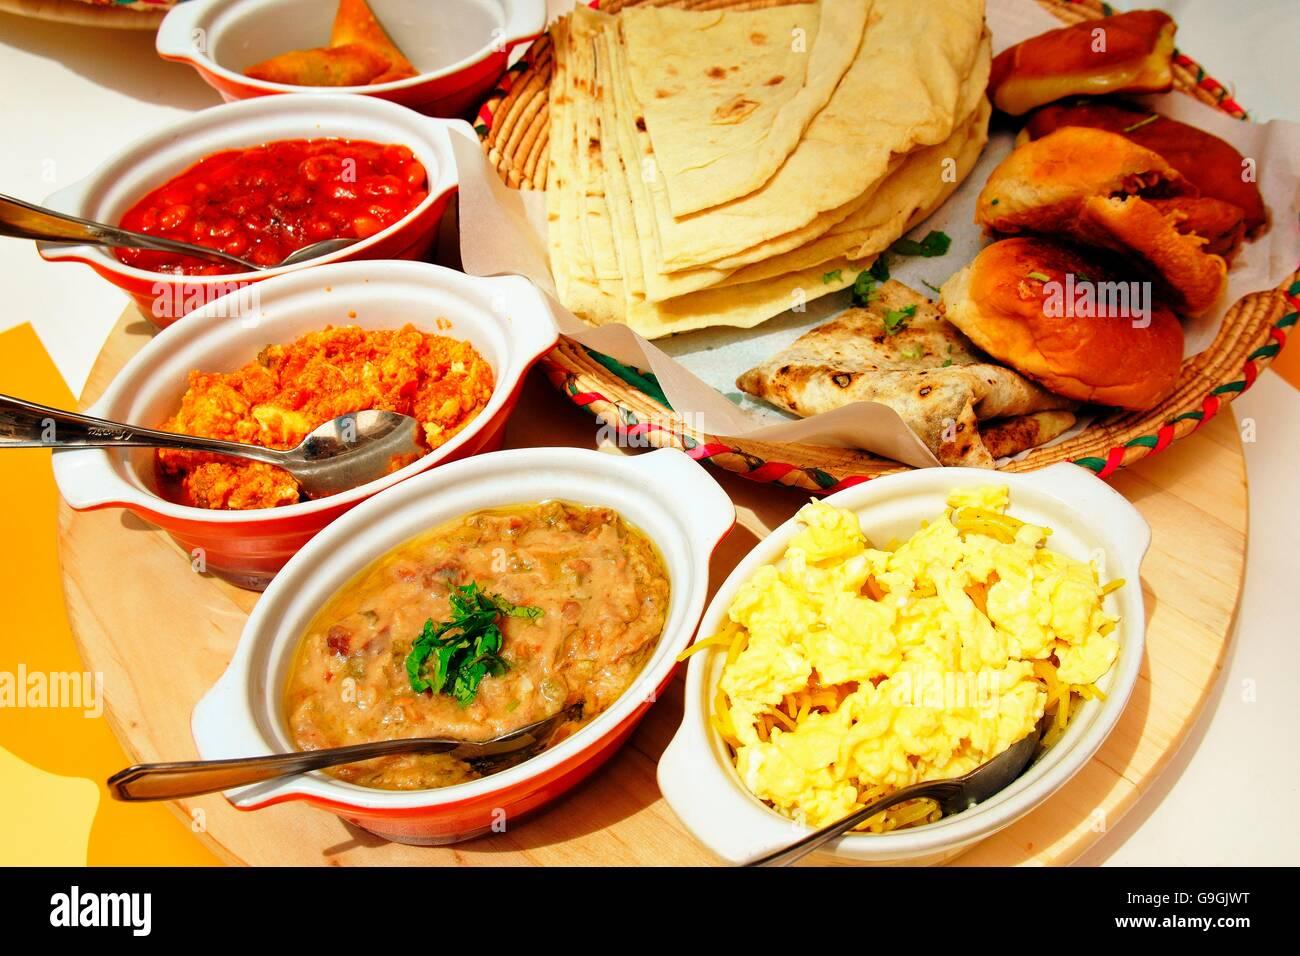 Harees margoog balaleet, y tradicional cocina árabe del Golfo Pérsico los platos servidos en la cafetería Imagen De Stock